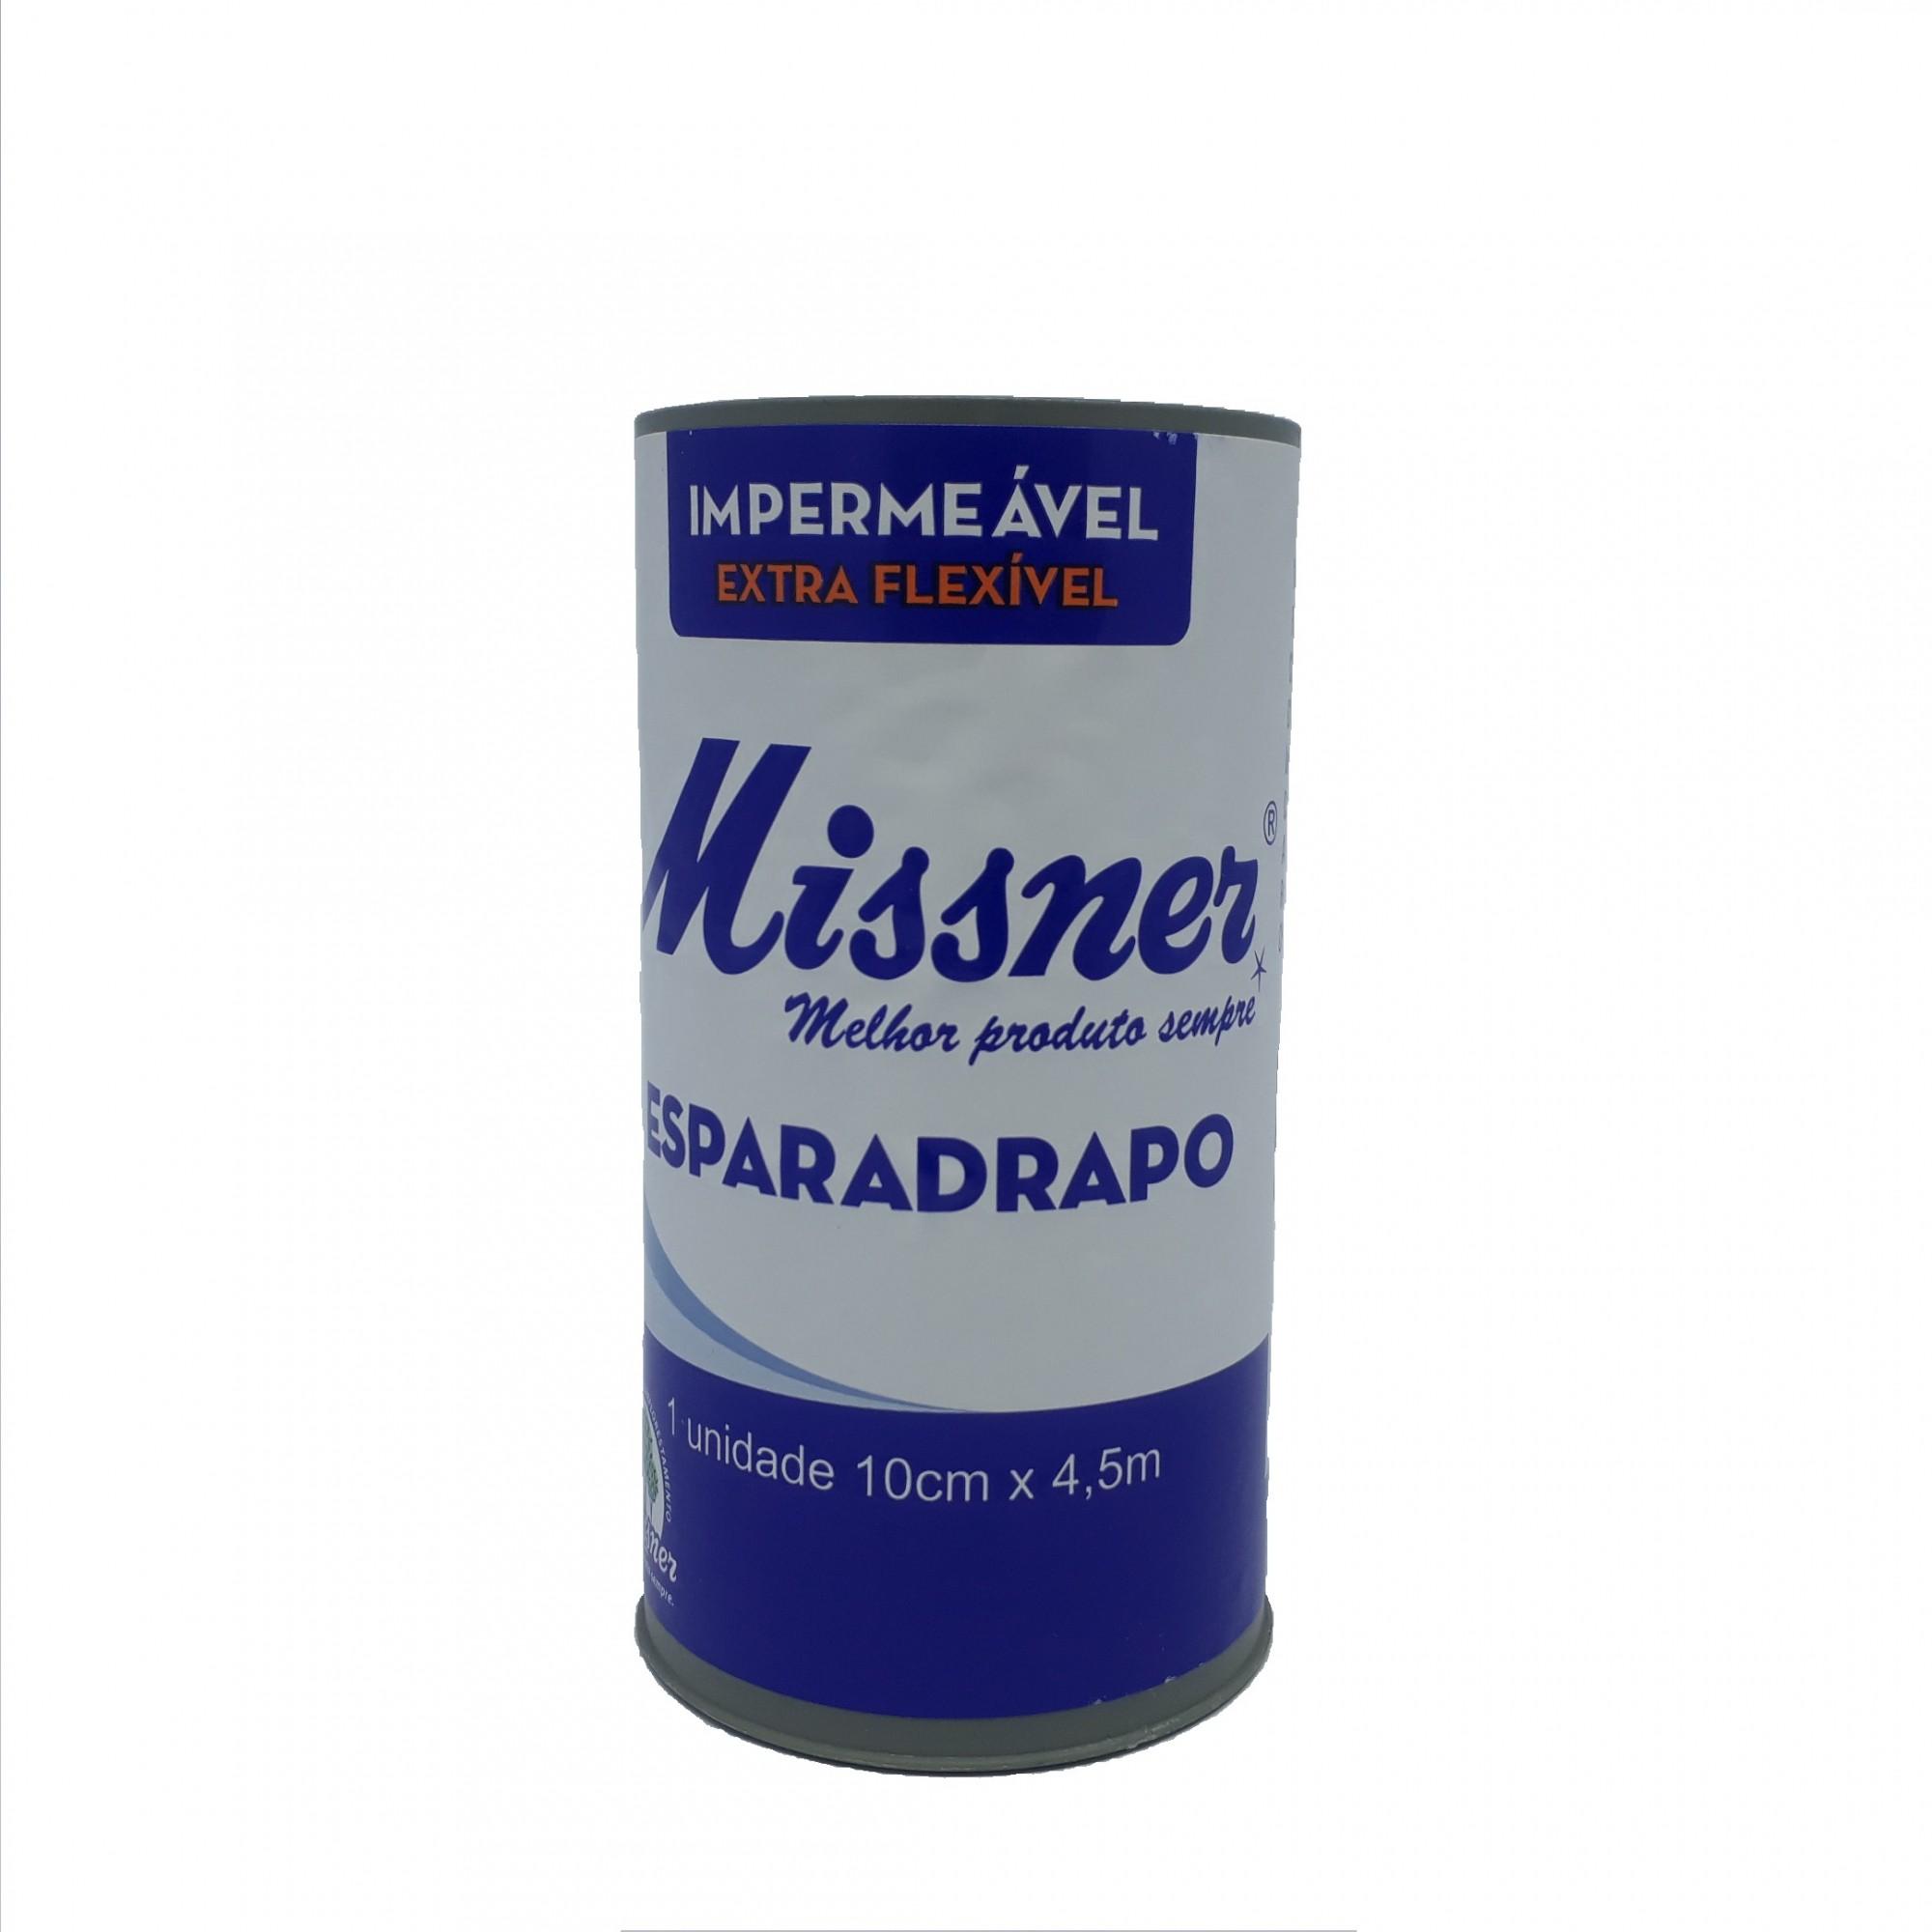 ESPARADRAPO IMP. 10 CM X 4,5MT